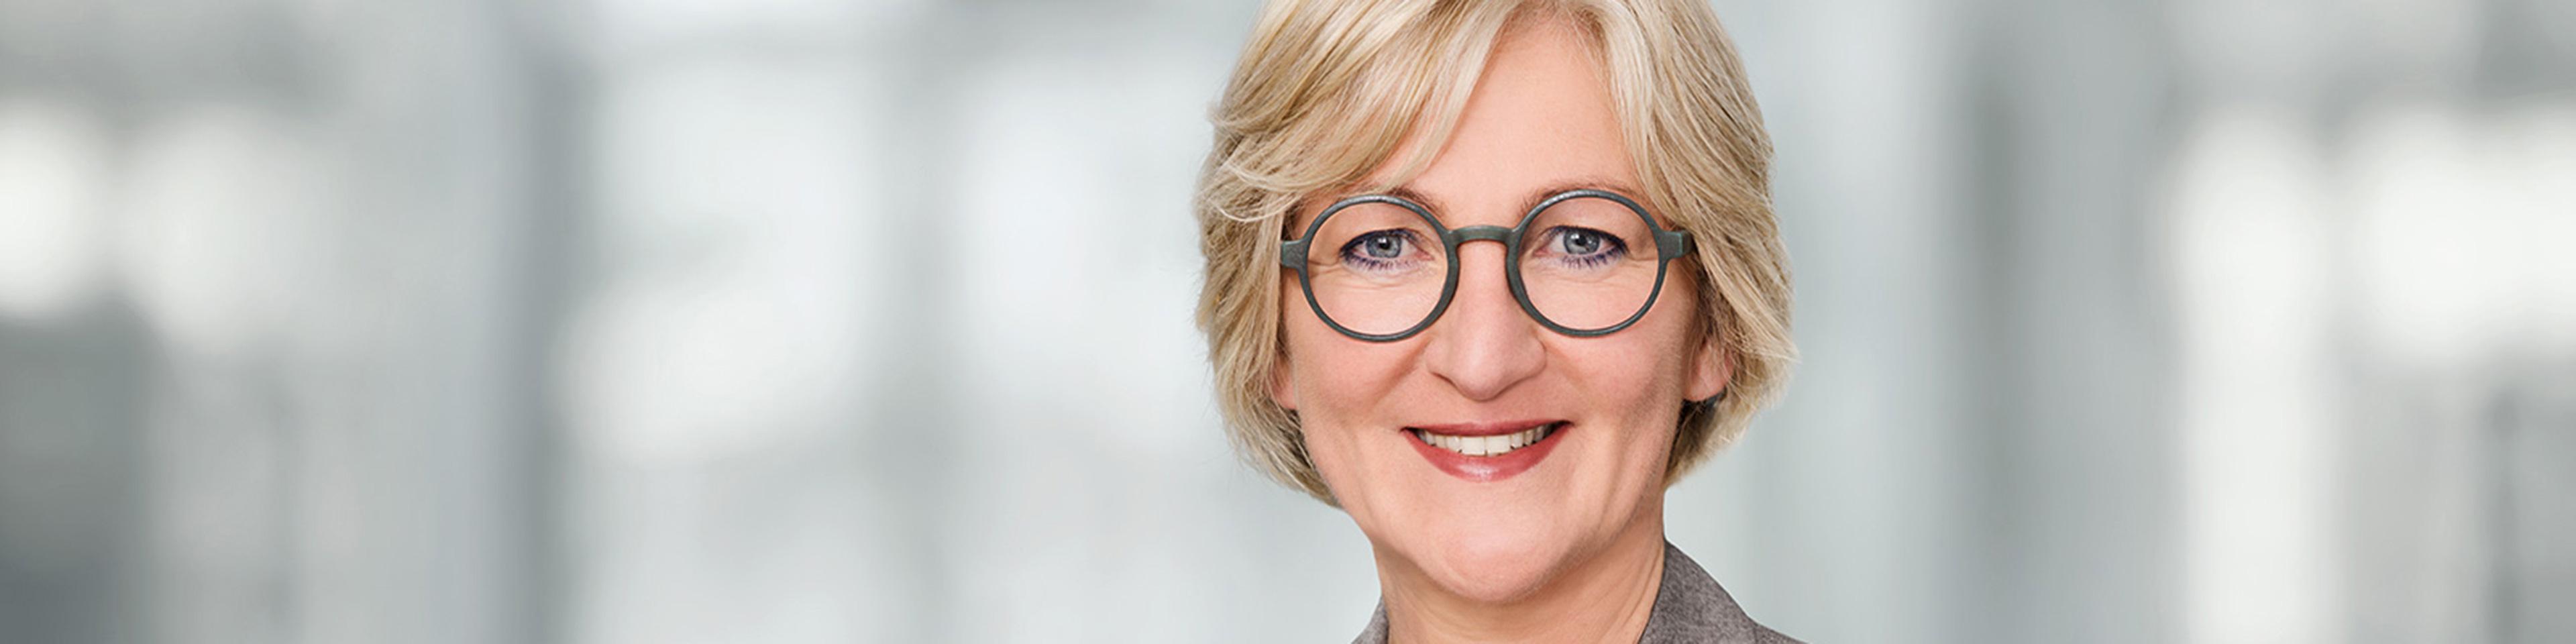 Martina Bruder, CEO Wolters Kluwer Deutschland